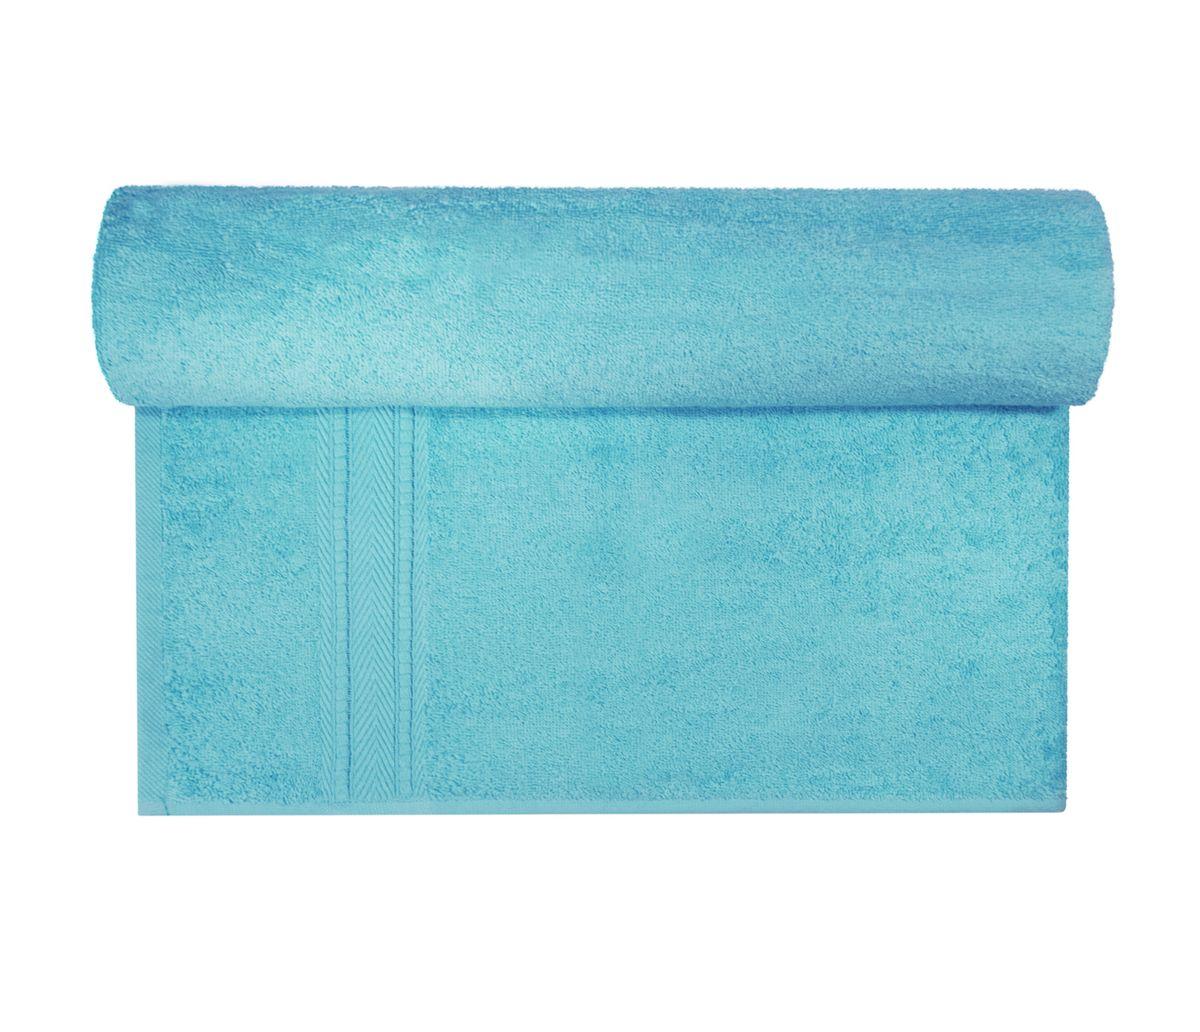 Полотенце махровое Osborn Textile, цвет: бирюзовый, 70 х 140 см531-105В состав полотенца Osborn Textile входит только натуральное волокно - хлопок. Лаконичные бордюры подойдут для любого интерьера ванной комнаты. Полотенце прекрасно впитывает влагу и быстро сохнет. При соблюдении рекомендаций по уходу не линяет и не теряет форму даже после многократных стирок. Плотность: 450 г/м2.